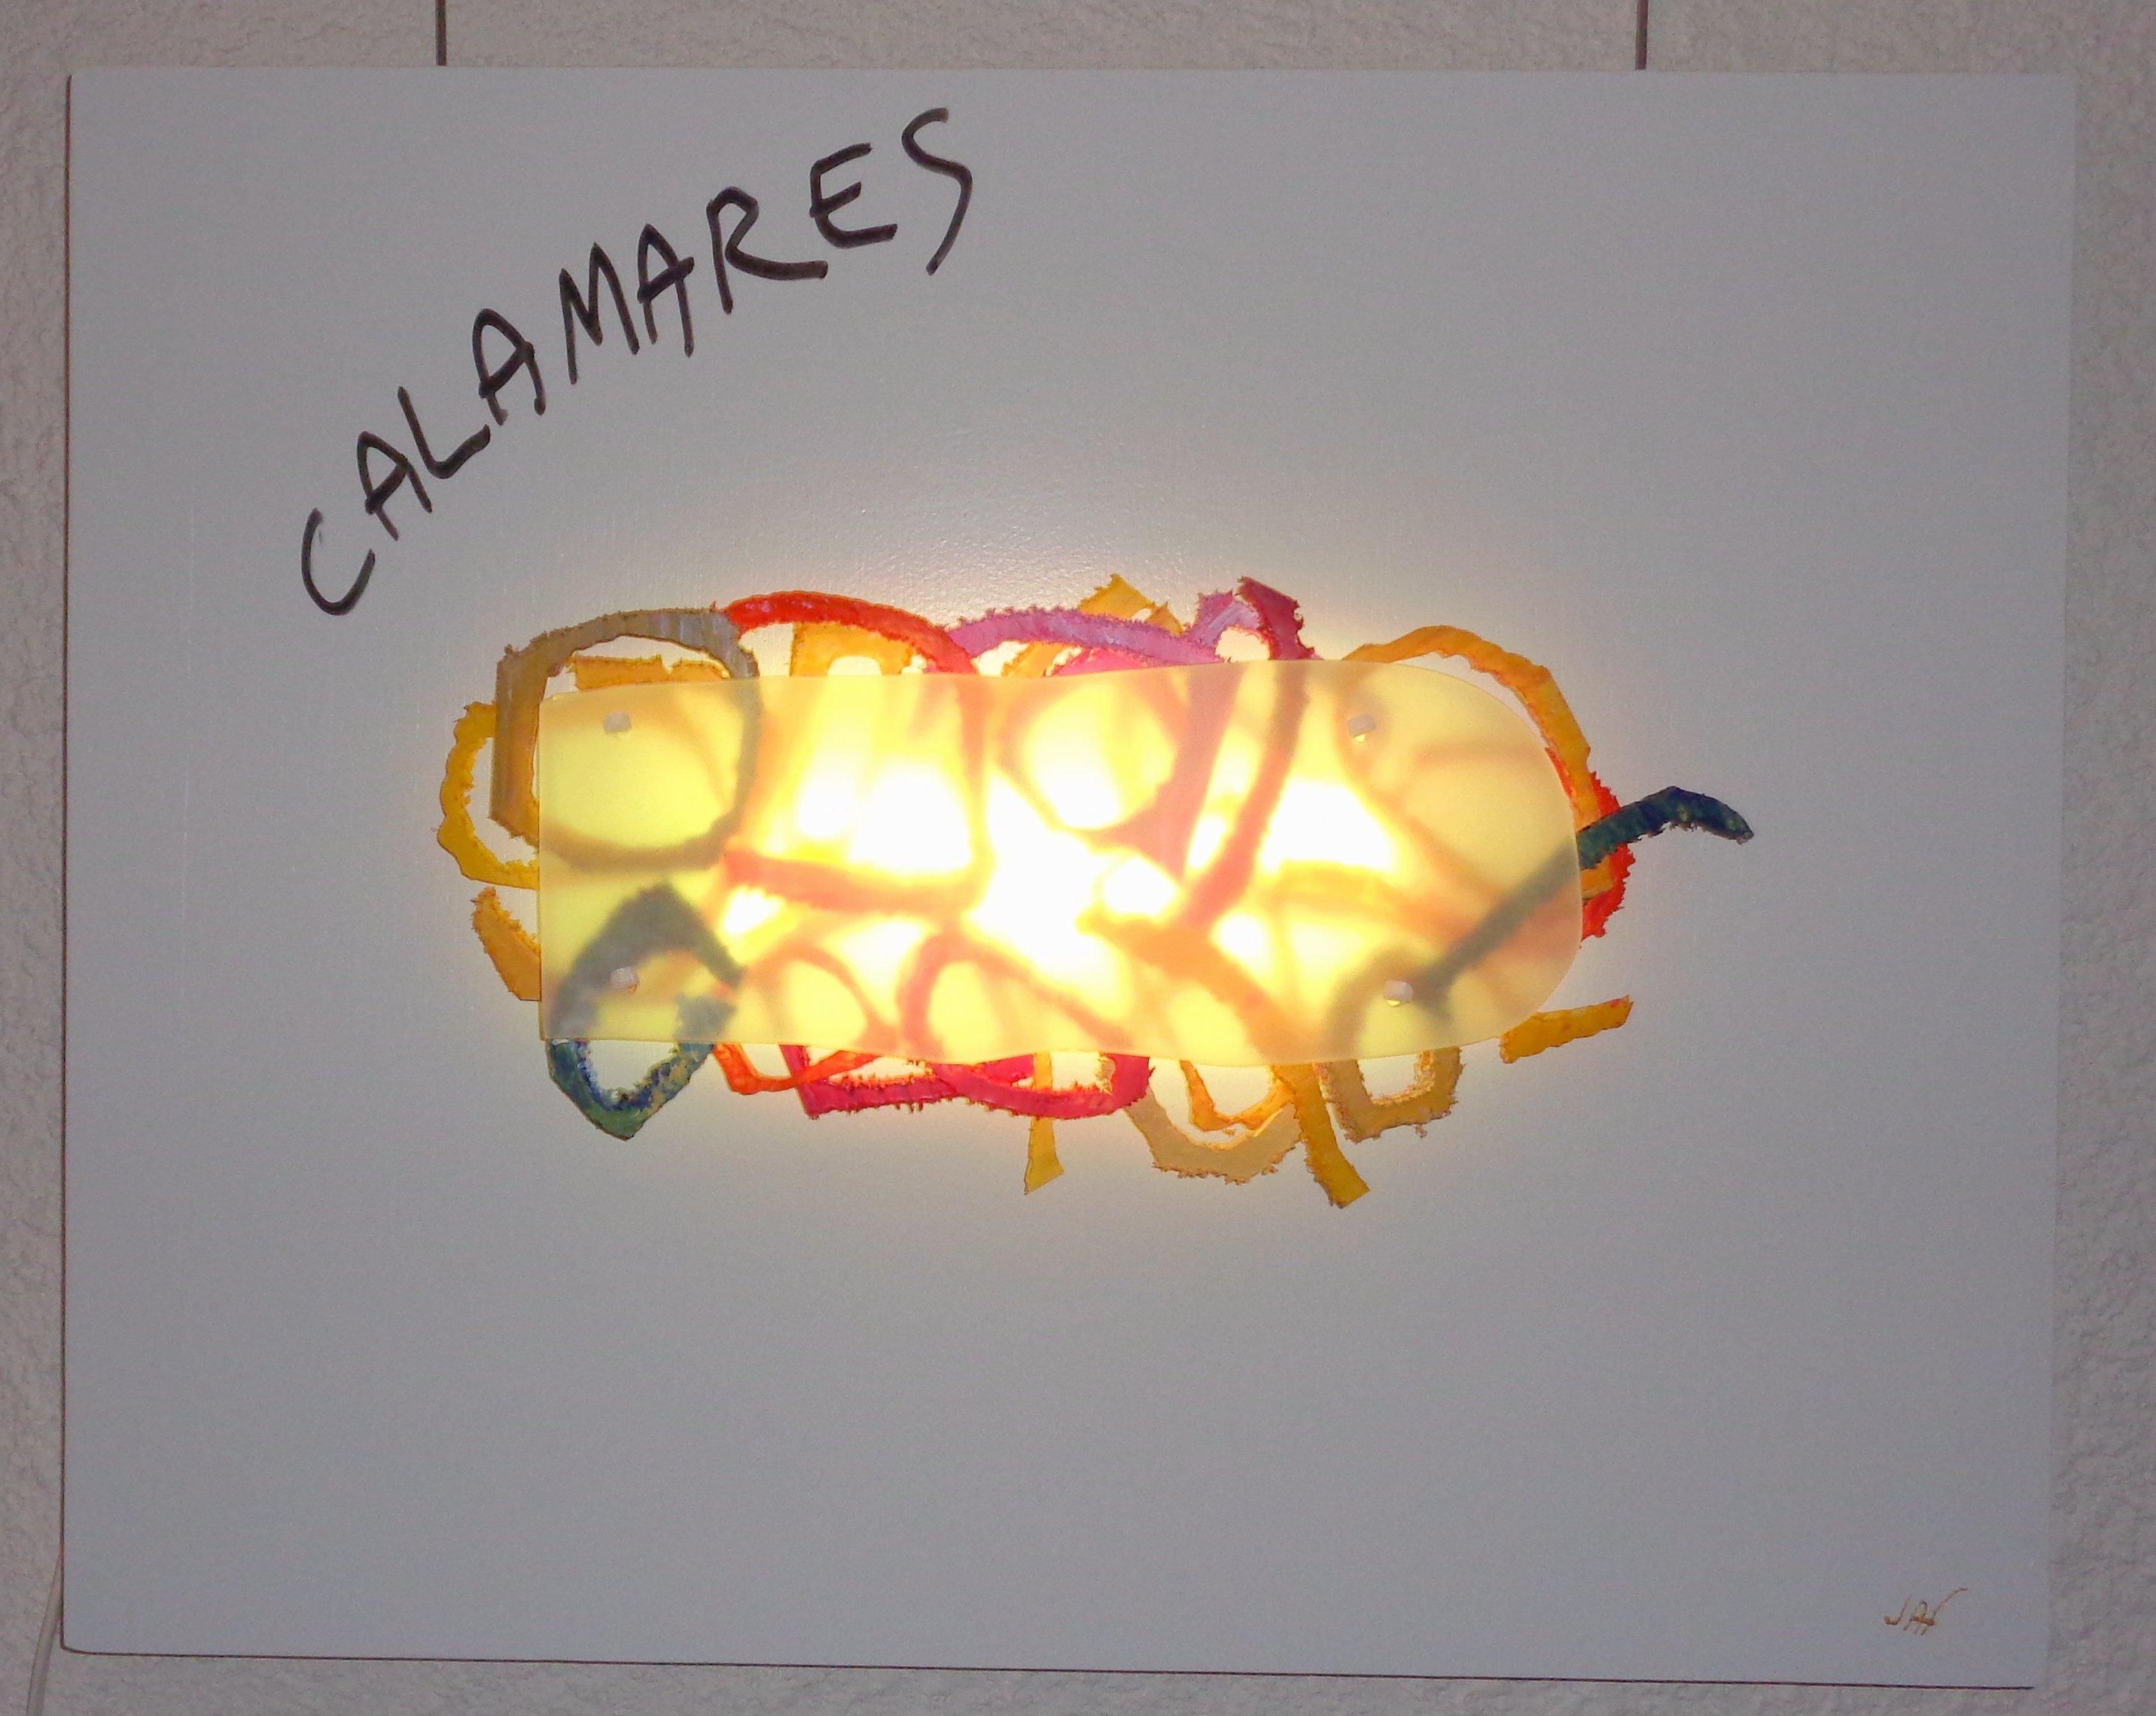 Bocata calamares (2016) - Juan Arroyo Fernandez - Jaf obrasconluz